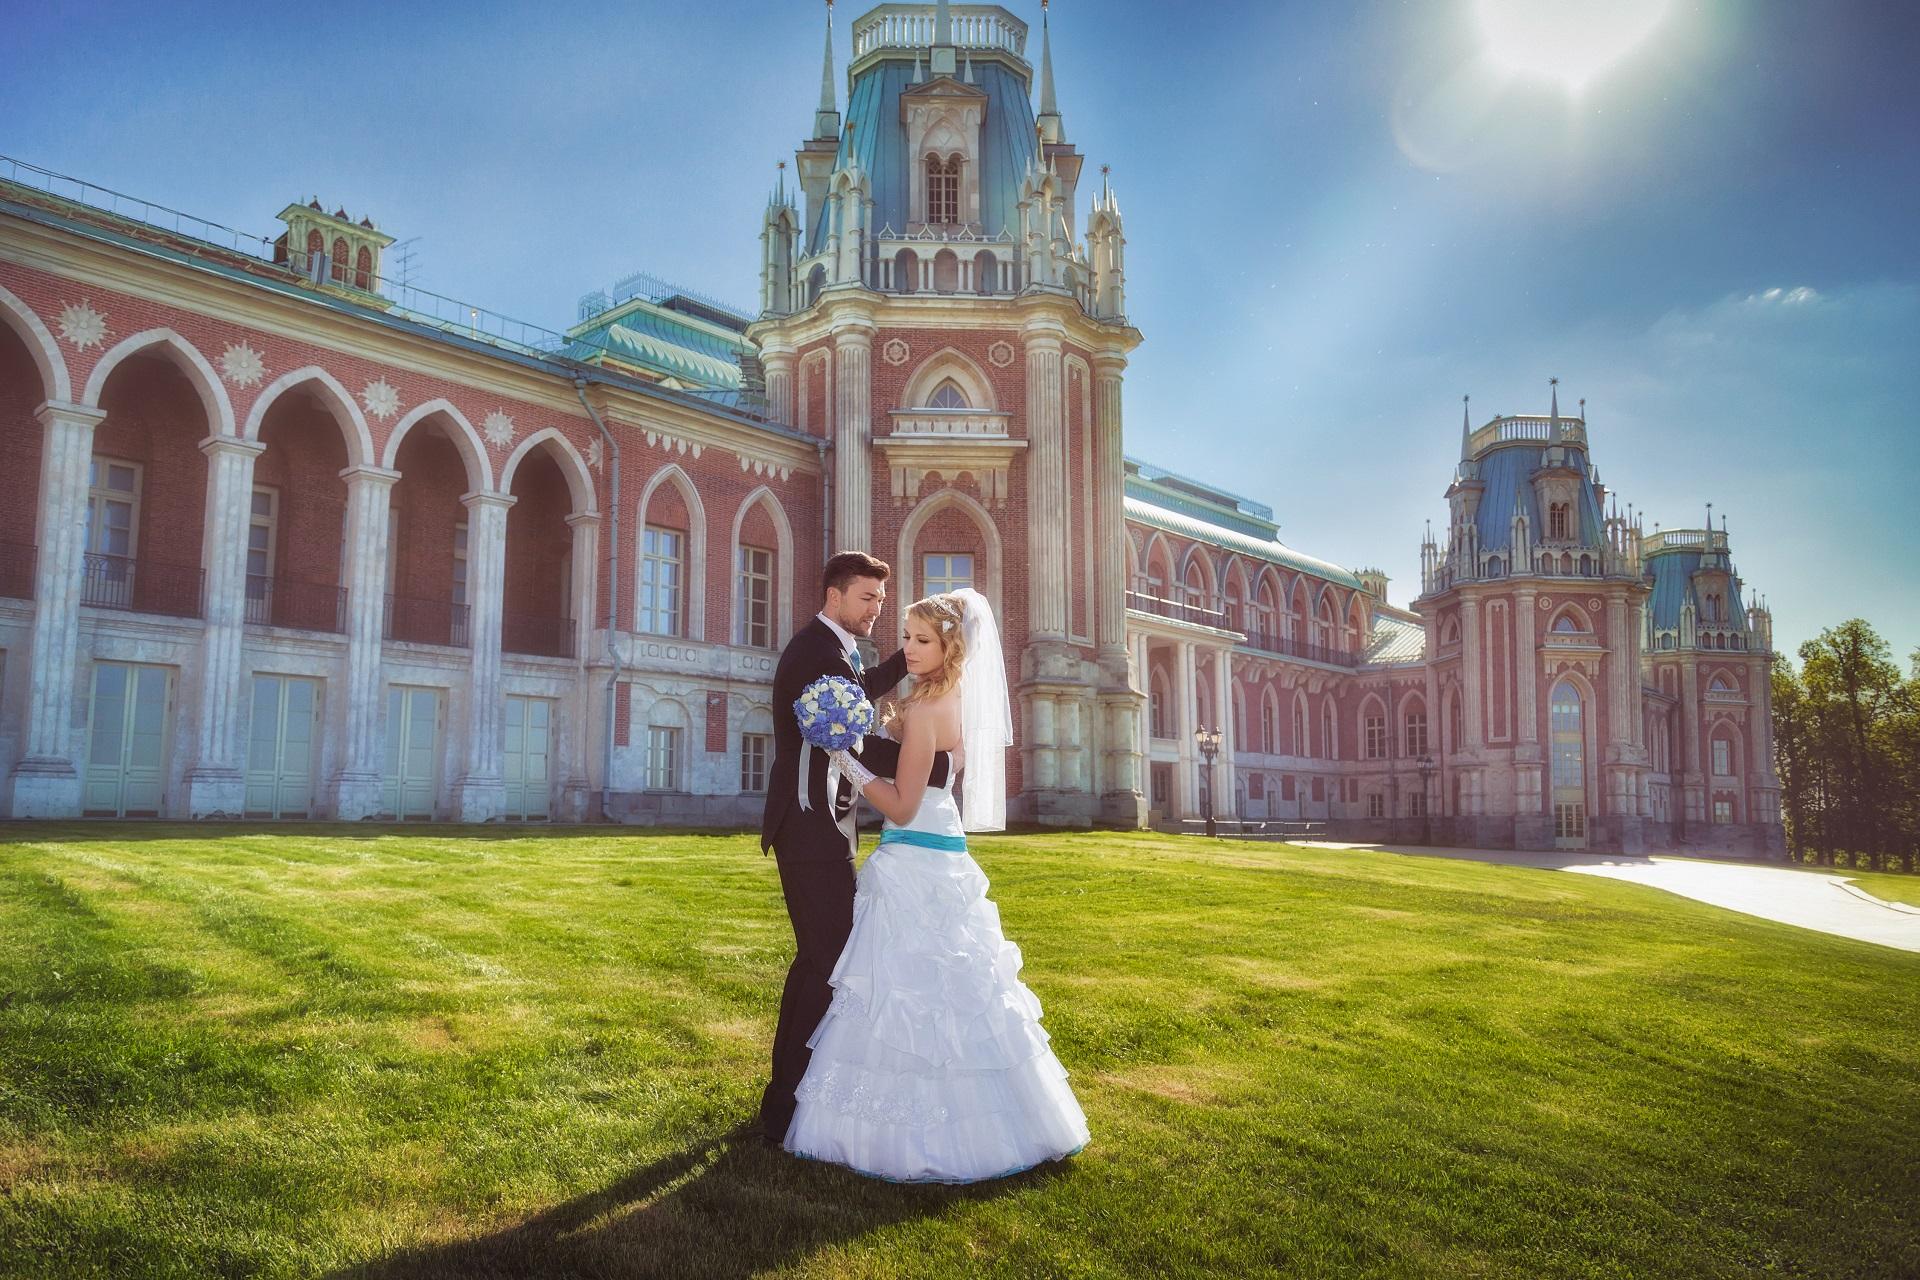 Свадебный фотограф г. Жуковский, Раменское, Москва